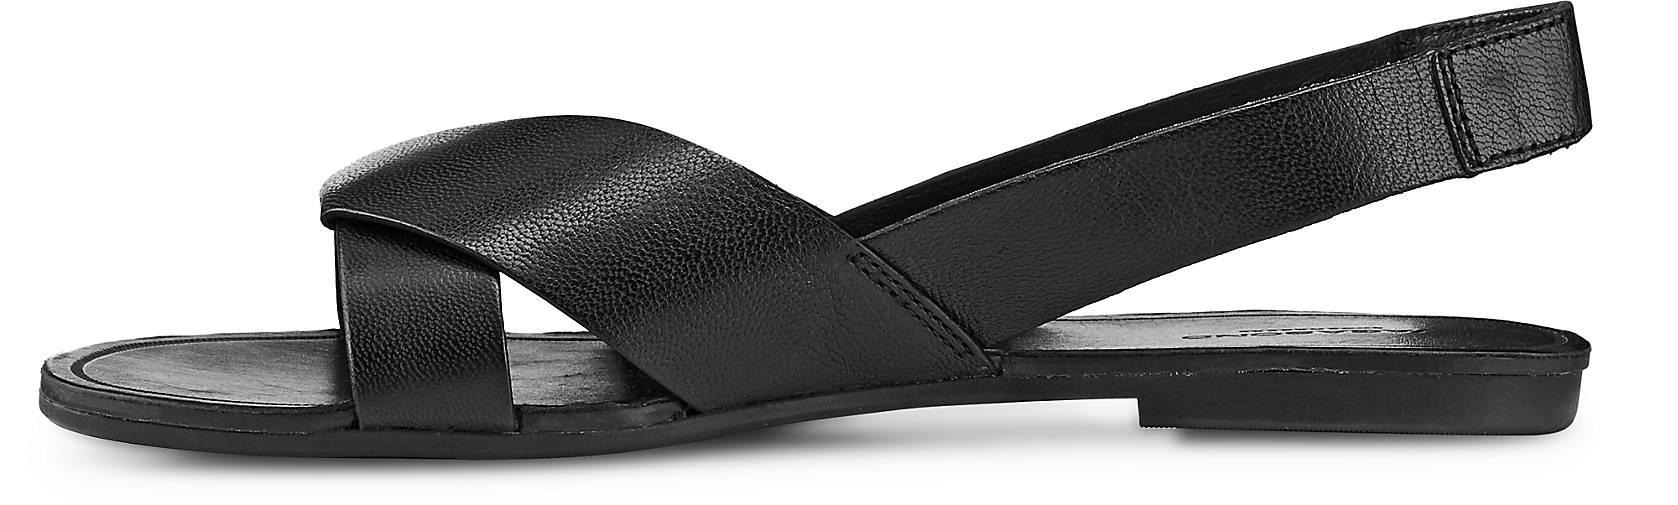 Damen Damen Sandalette Schwarz Sandalette Tia FqfzwxpzC